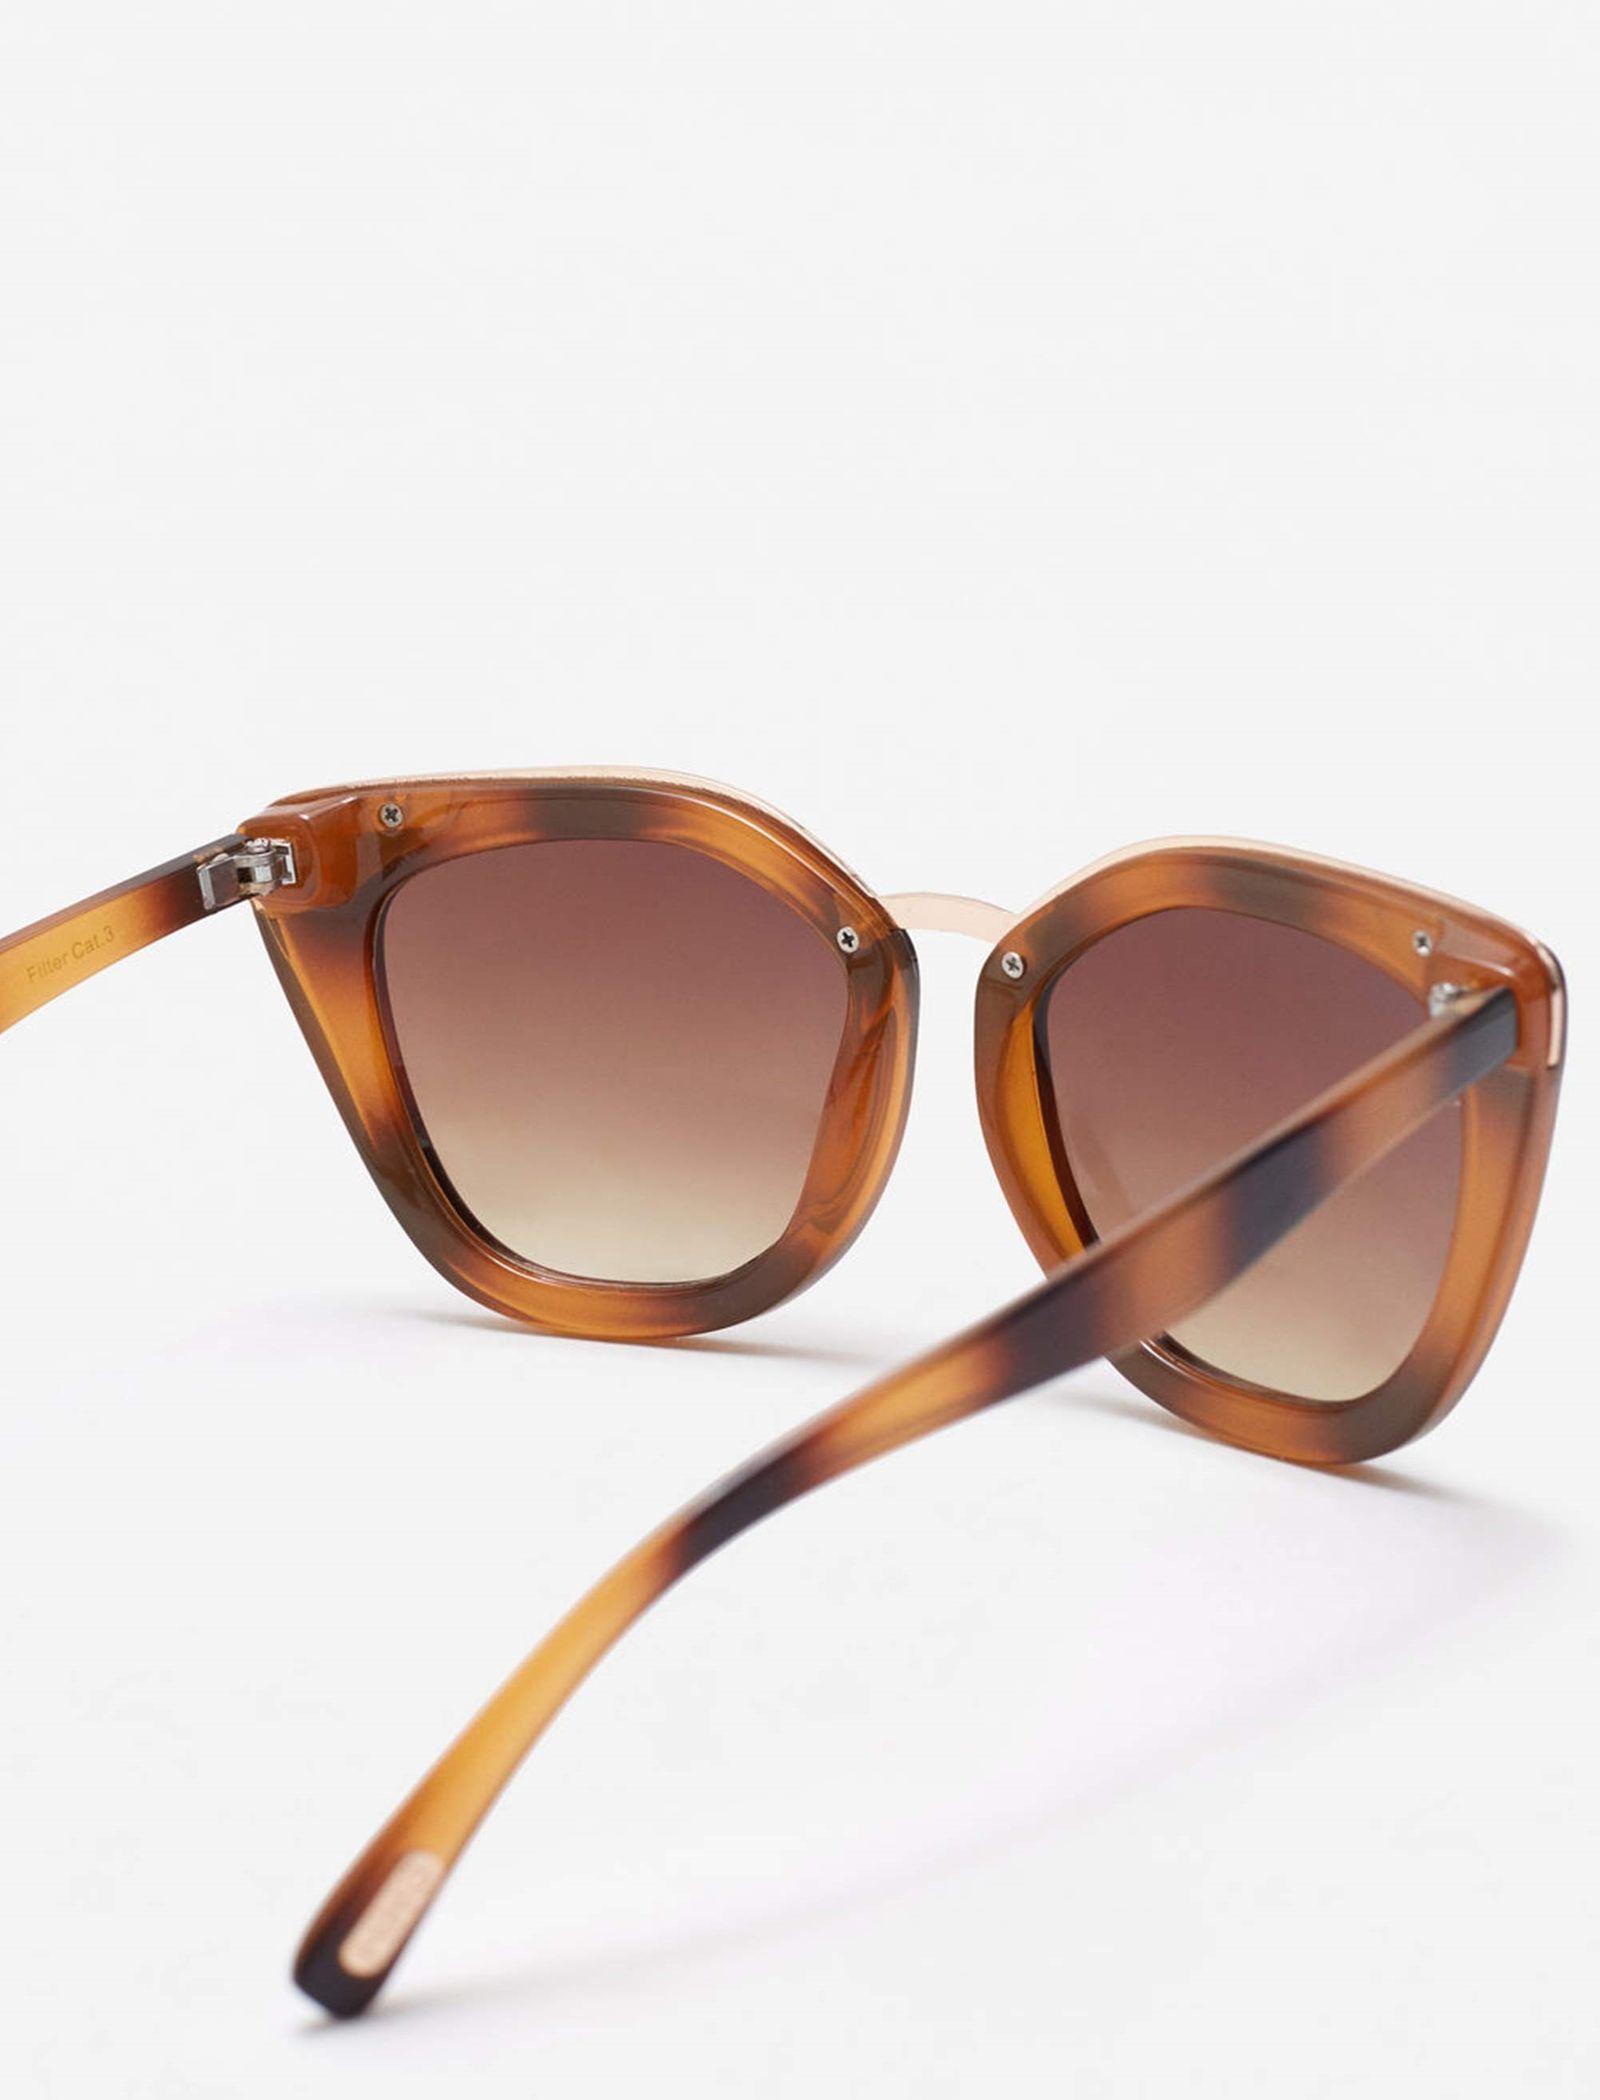 عینک آفتابی زنانه - مانگو - قهوه اي  - 3